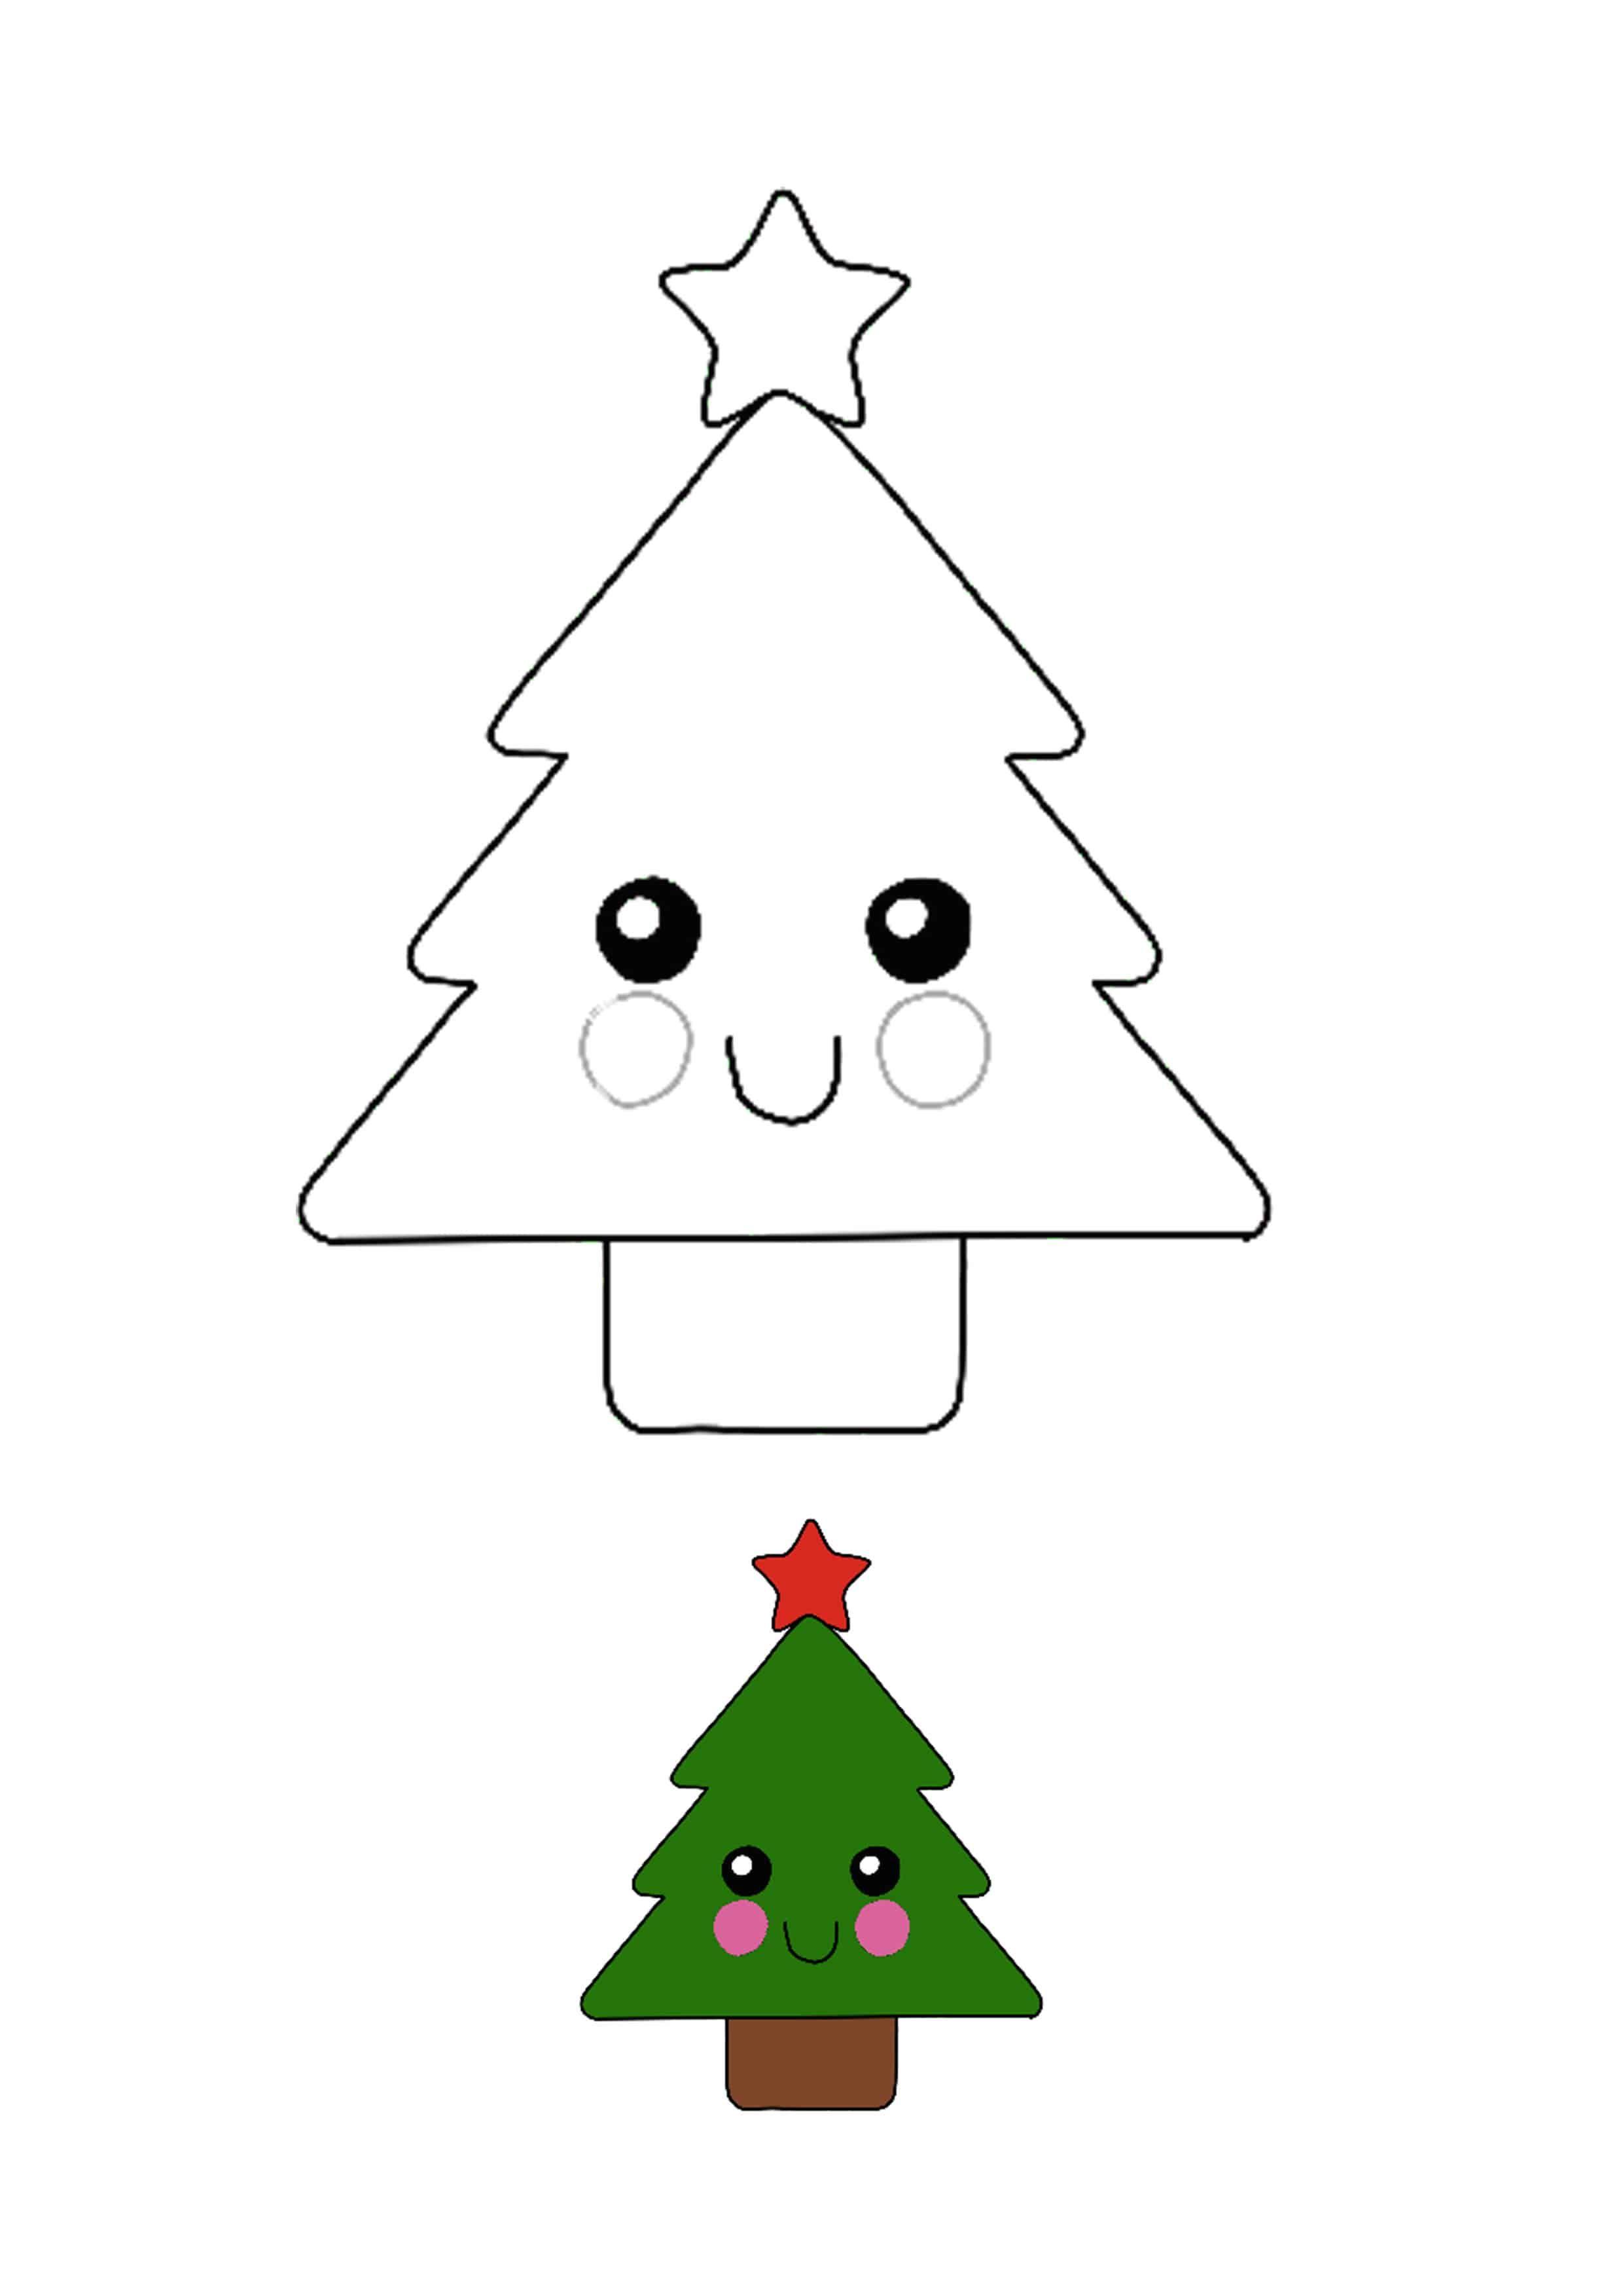 Kawaii Christmas Tree Coloring Page For Kids Christmas Tree Coloring Page Free Printable Coloring Sheets Christmas Coloring Pages